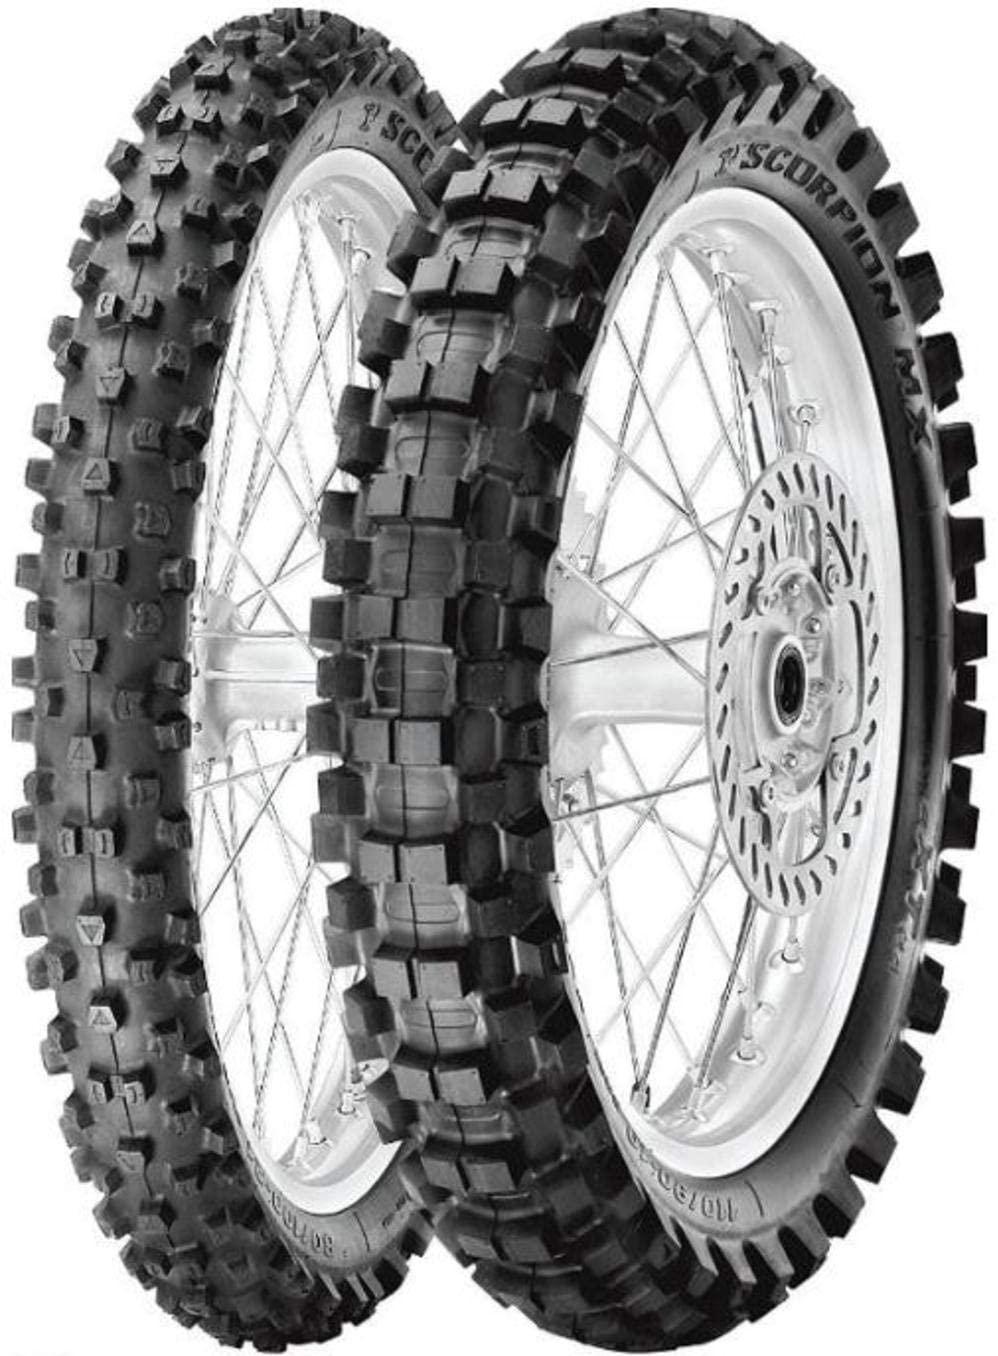 Pirelli Scorpion Mx Extra J 110/90 -17 60M celoroční